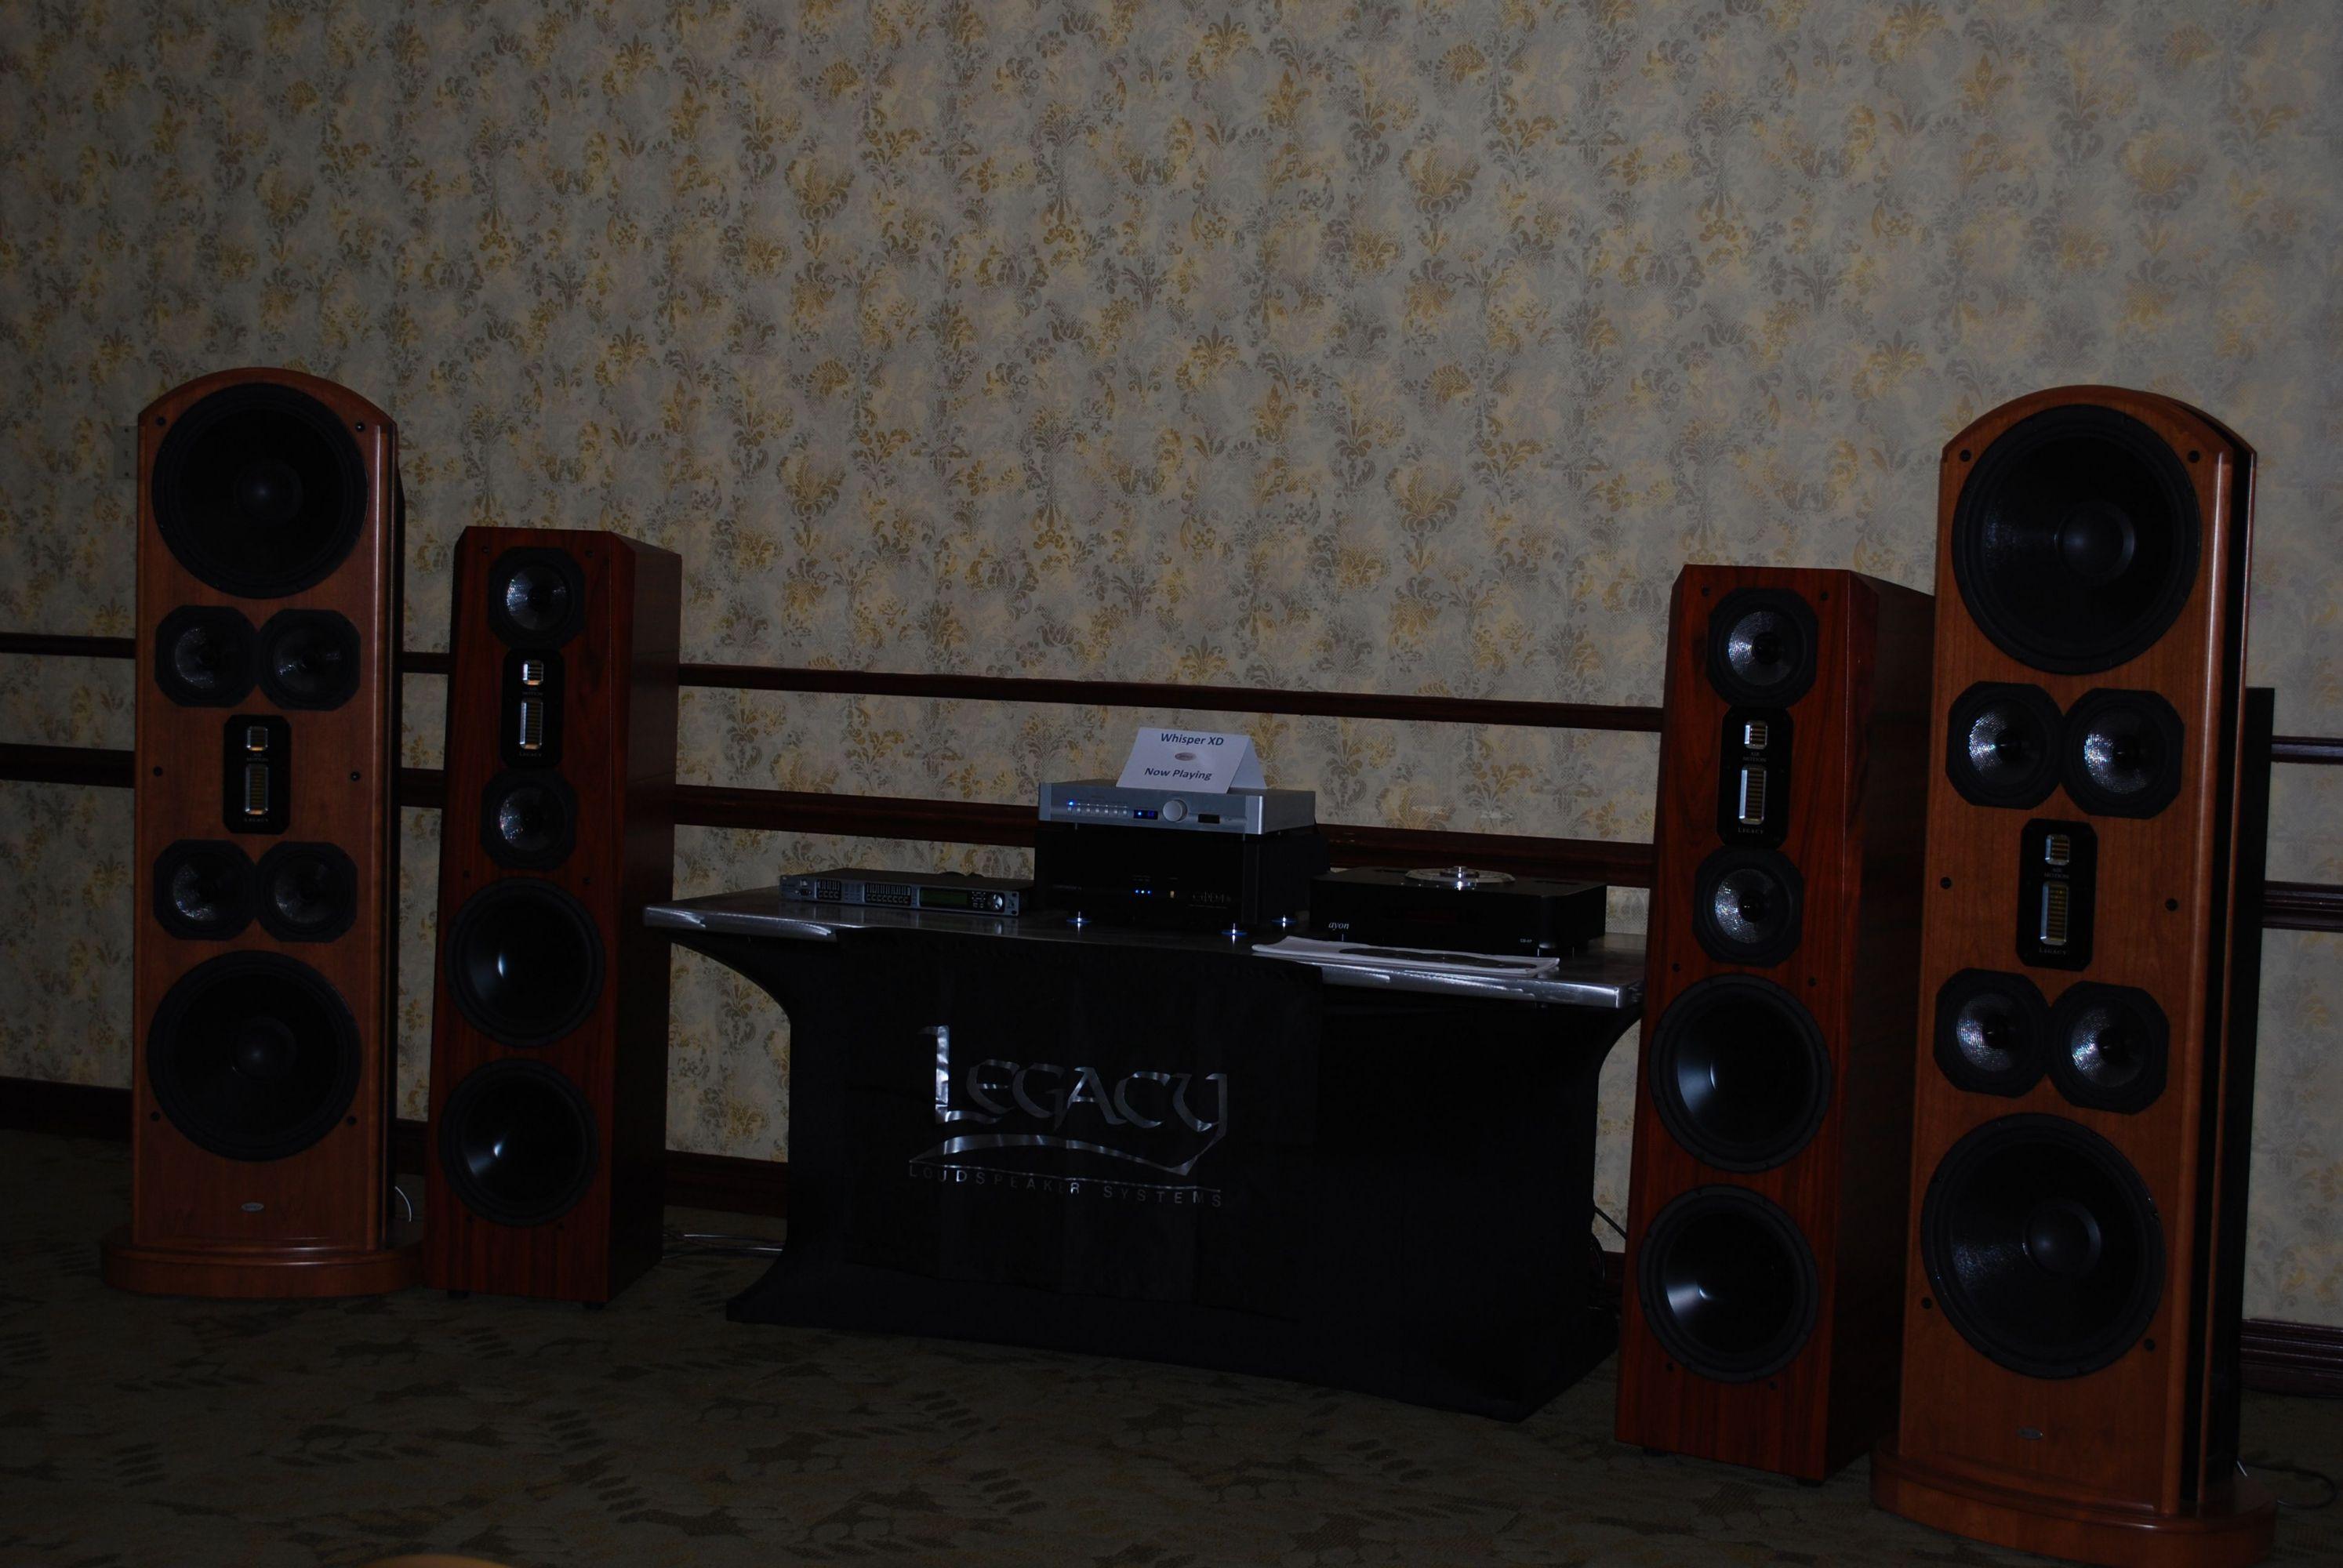 http://lonestaraudiofest.com/2013/Photos/Dsc_0079.jpg